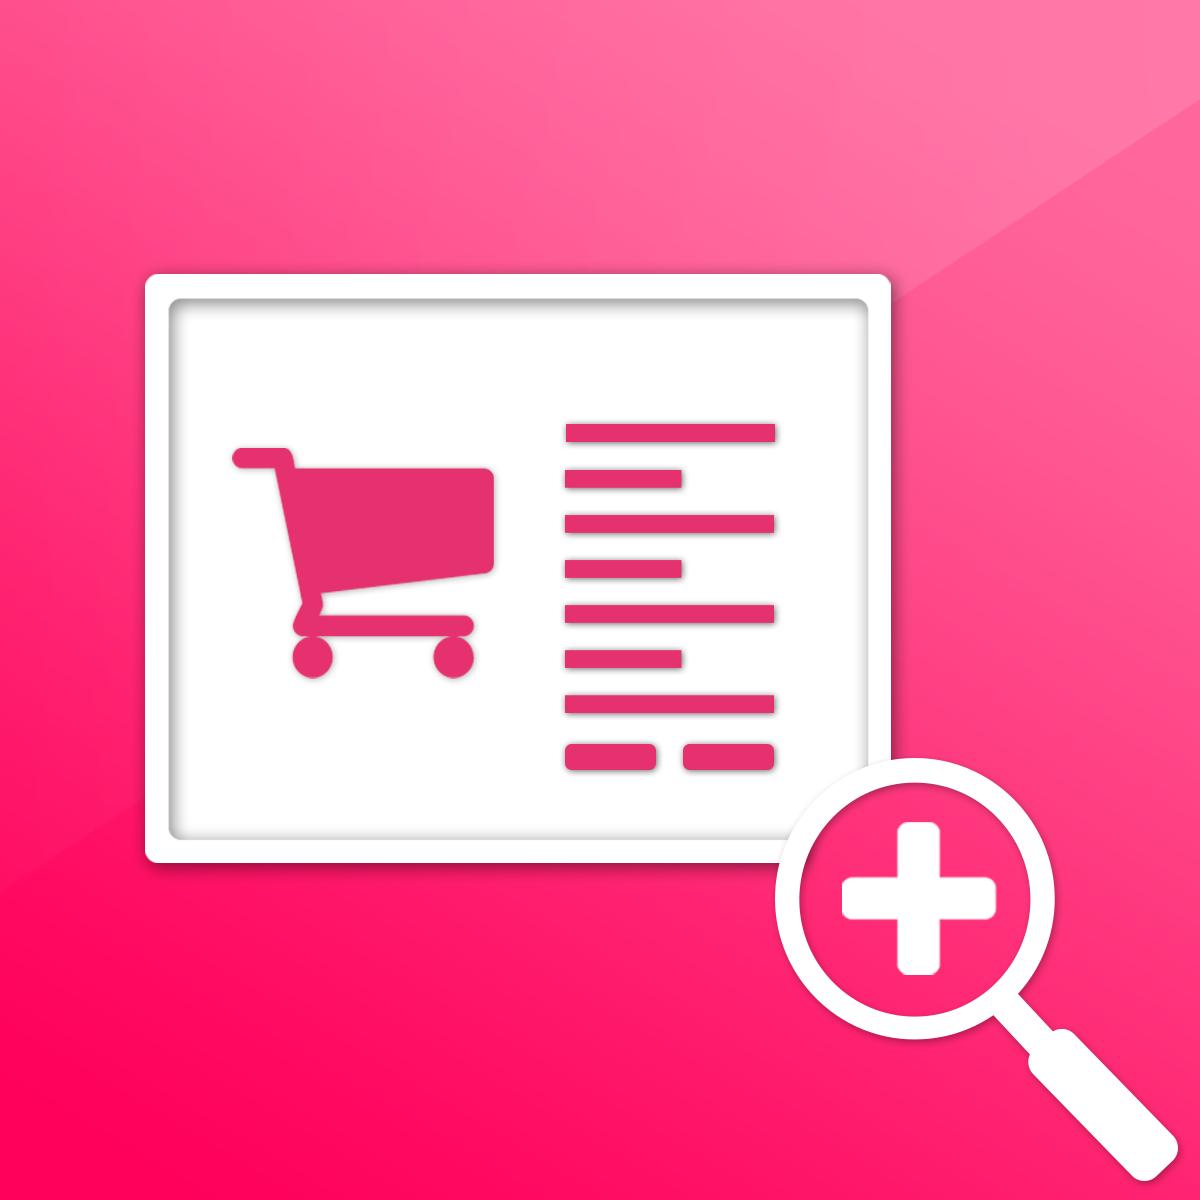 Quick view & Quick shop - Quick view app